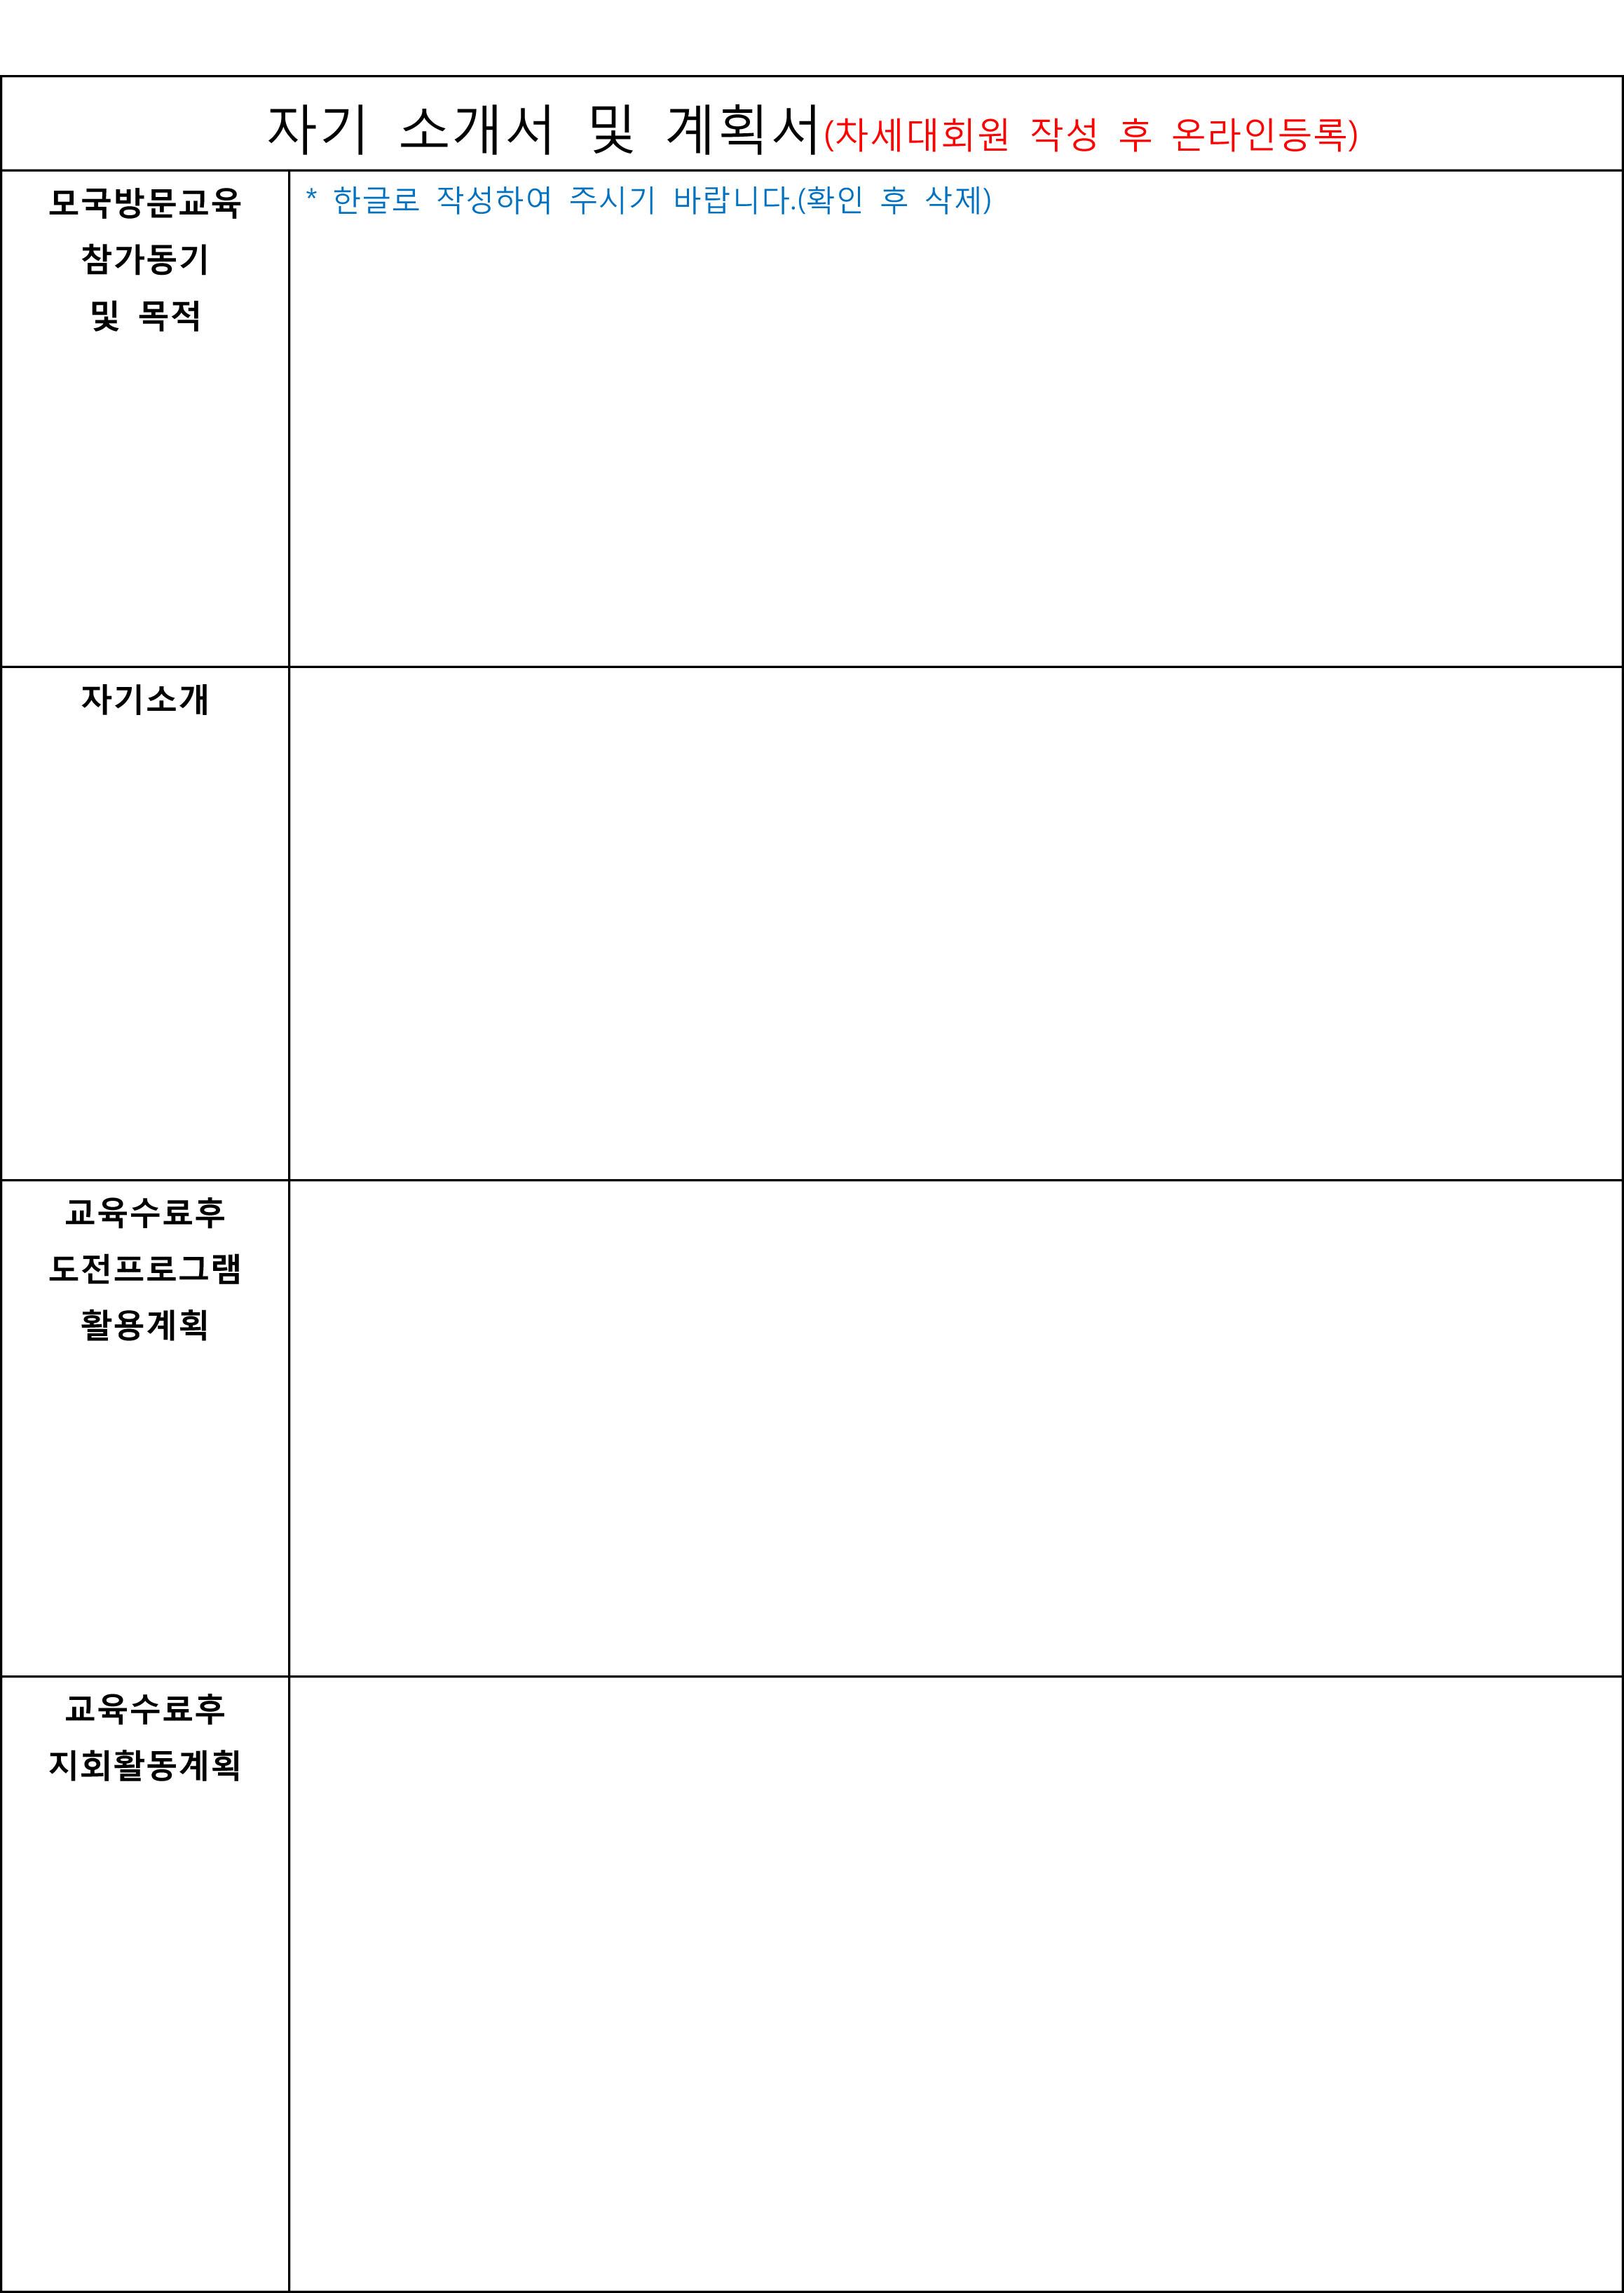 17-131 제12기 차세대무역스쿨 모국방문 신청안내-3.jpg